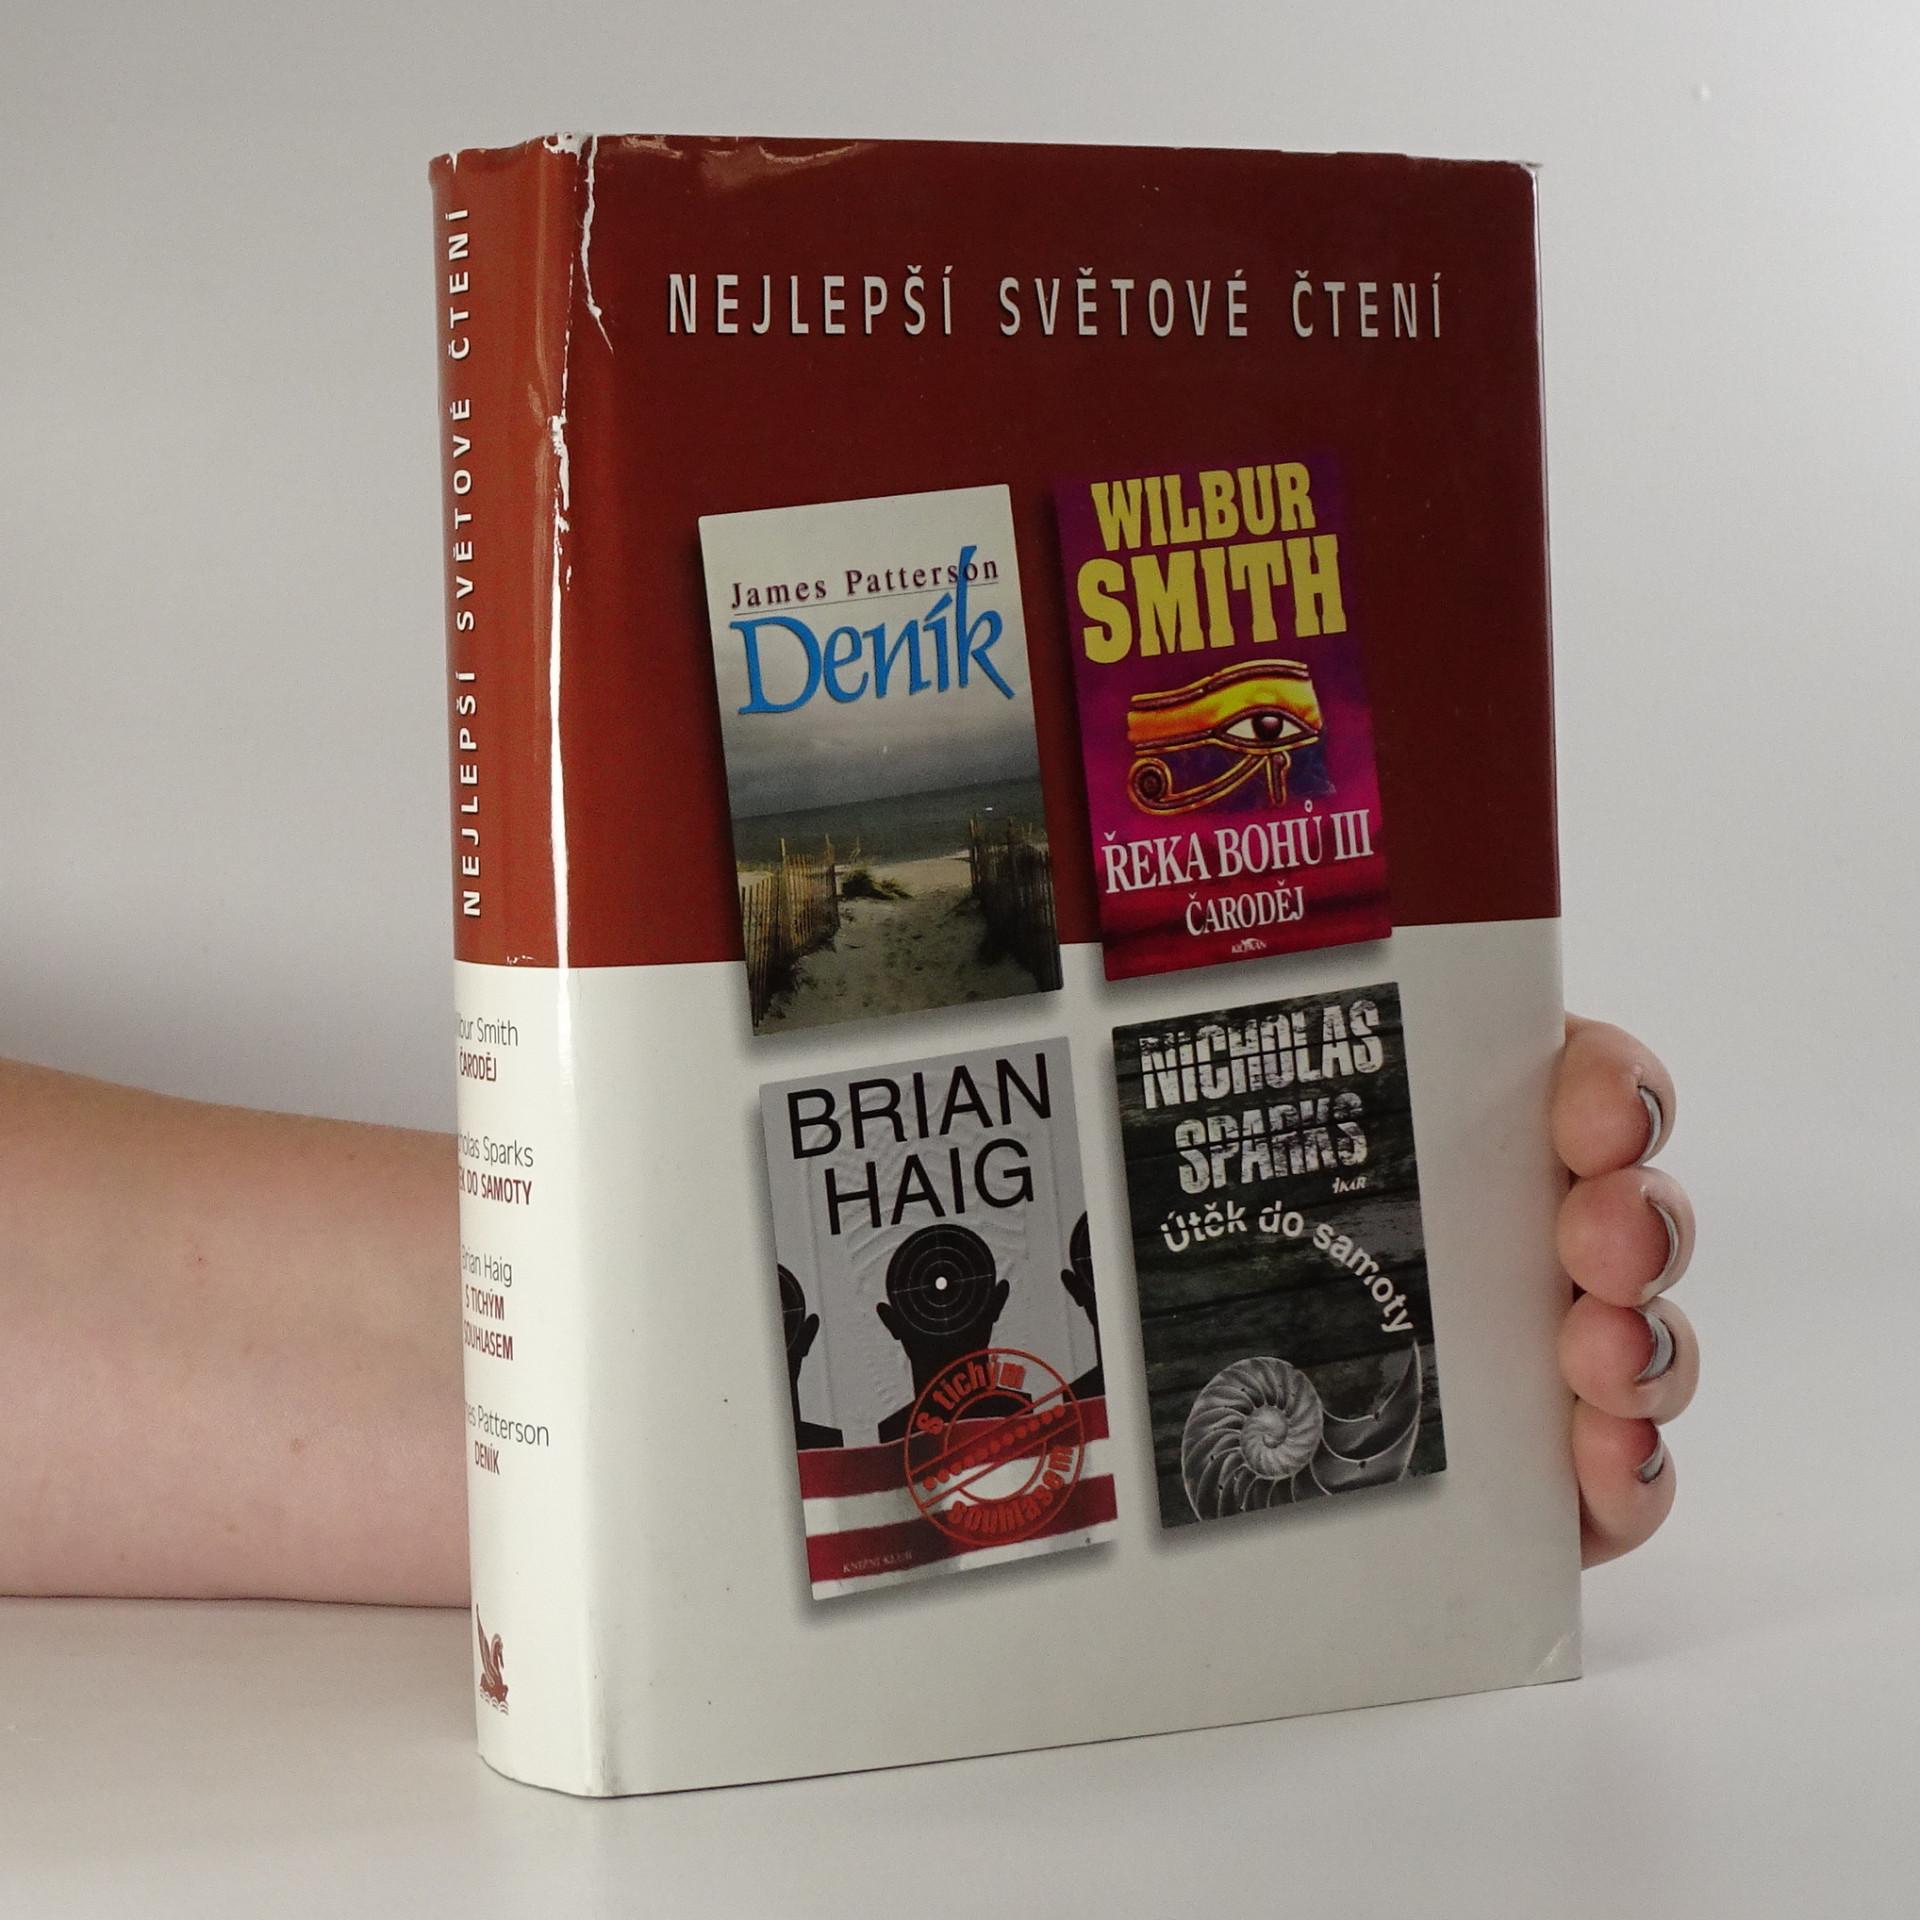 antikvární kniha Nejlepší světové čtení (Čaroděj, Útěk do samoty, S tichým souhlasem, Deník), 2003